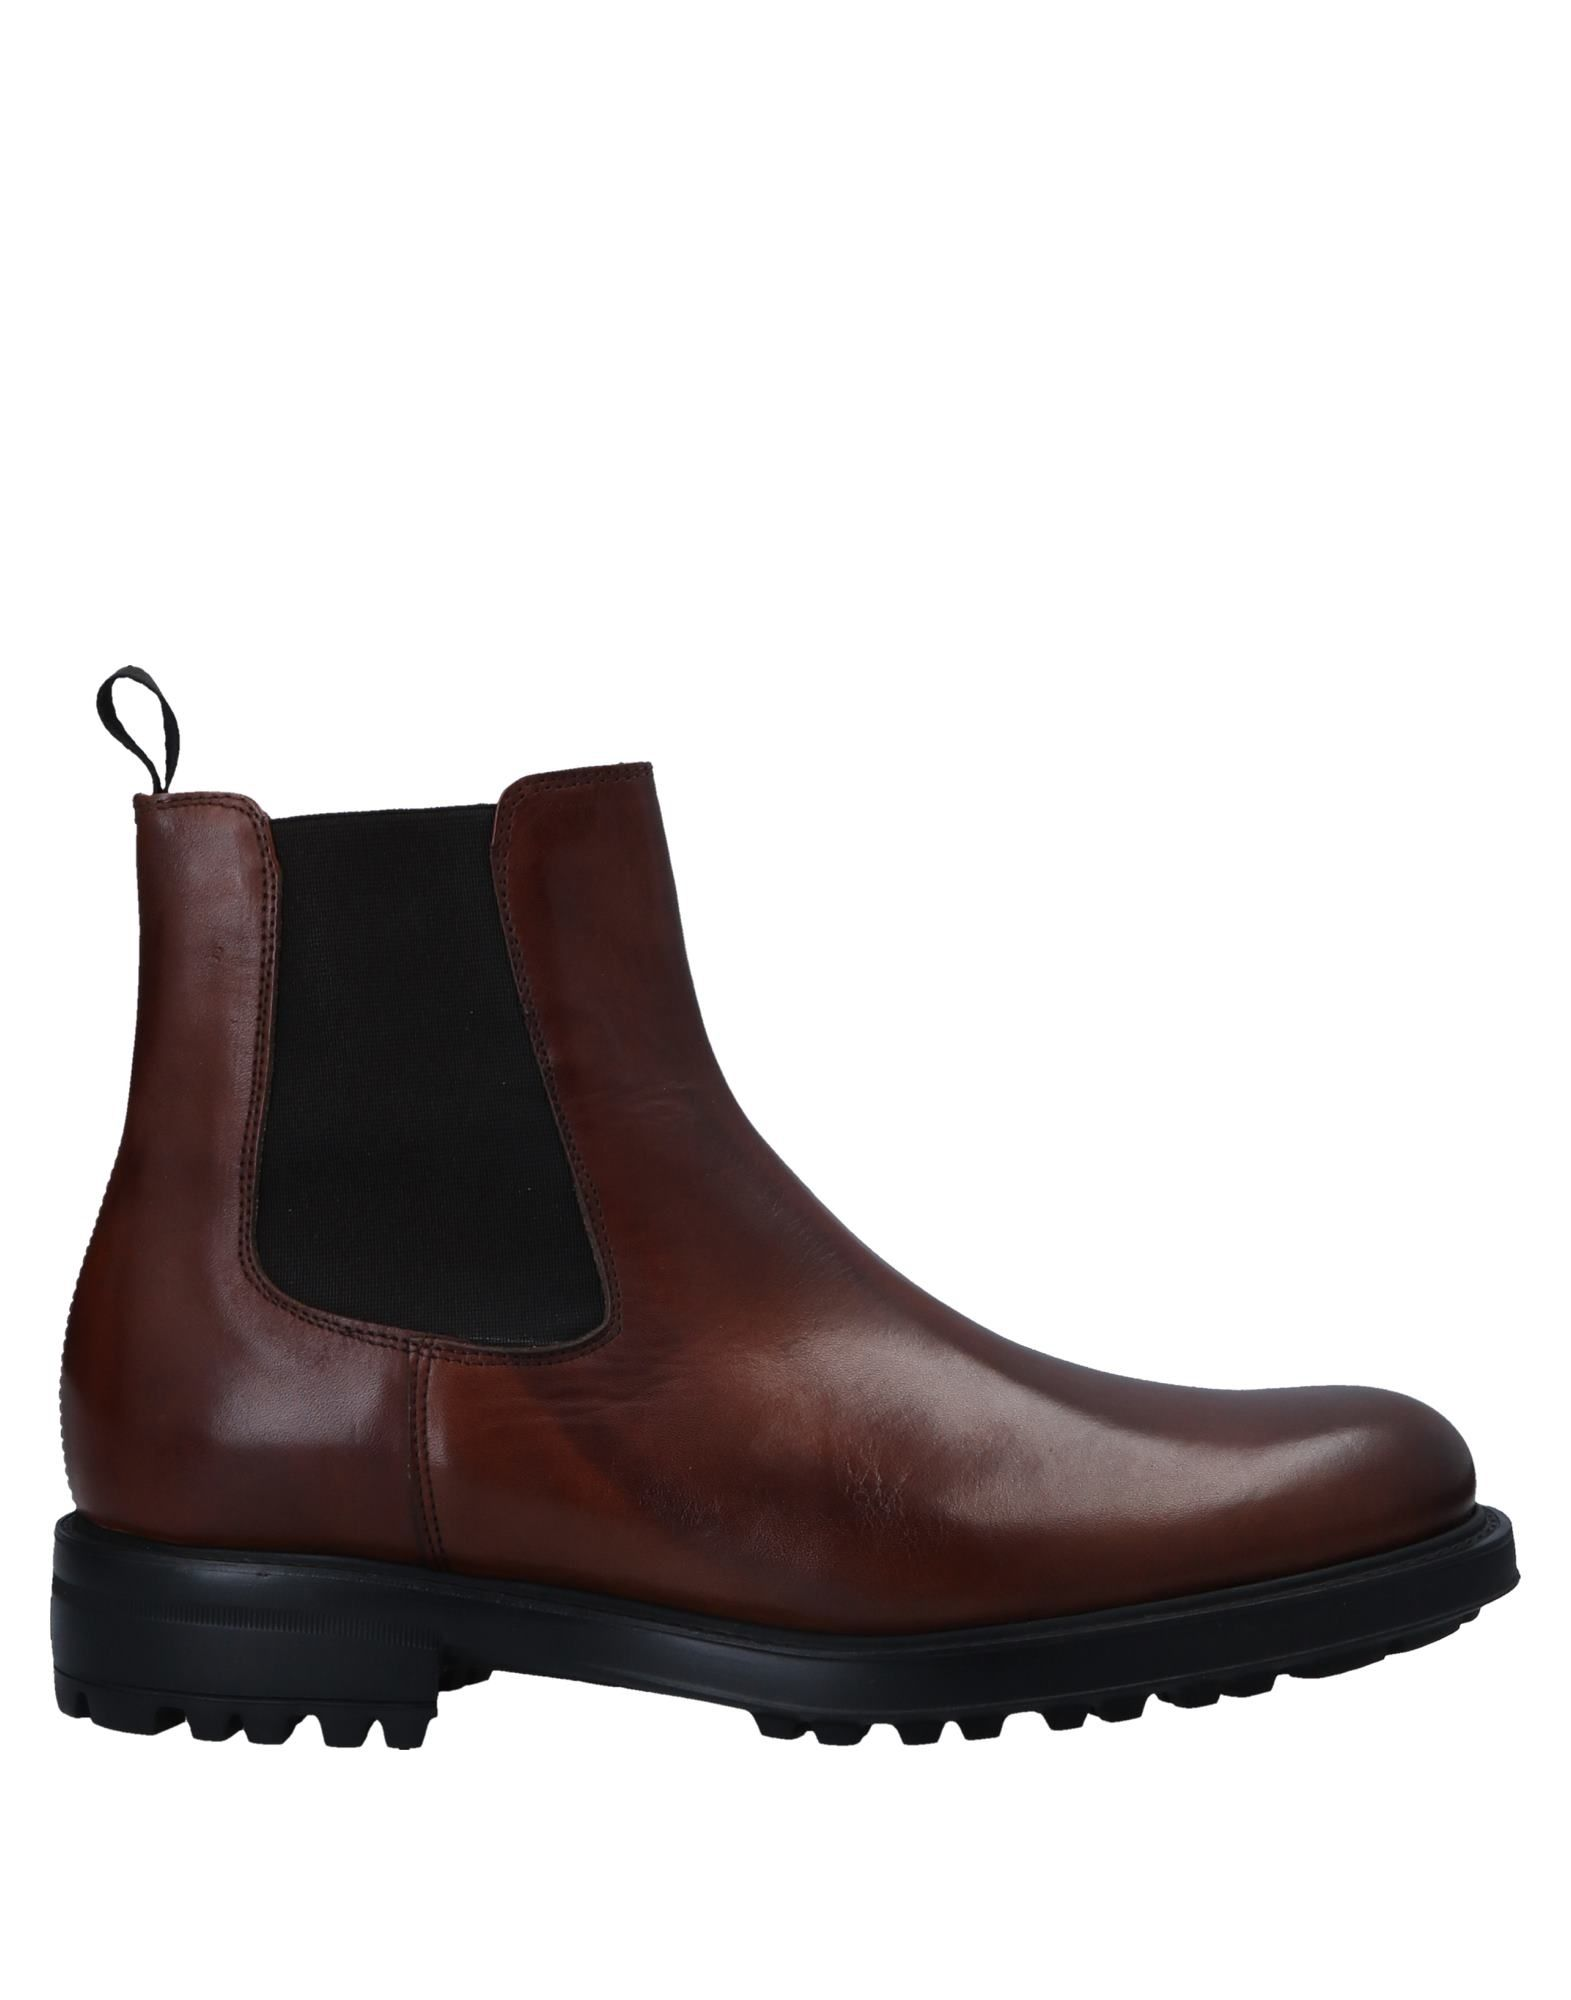 Baldinini Stiefelette Herren  11555025UK Gute Qualität beliebte Schuhe